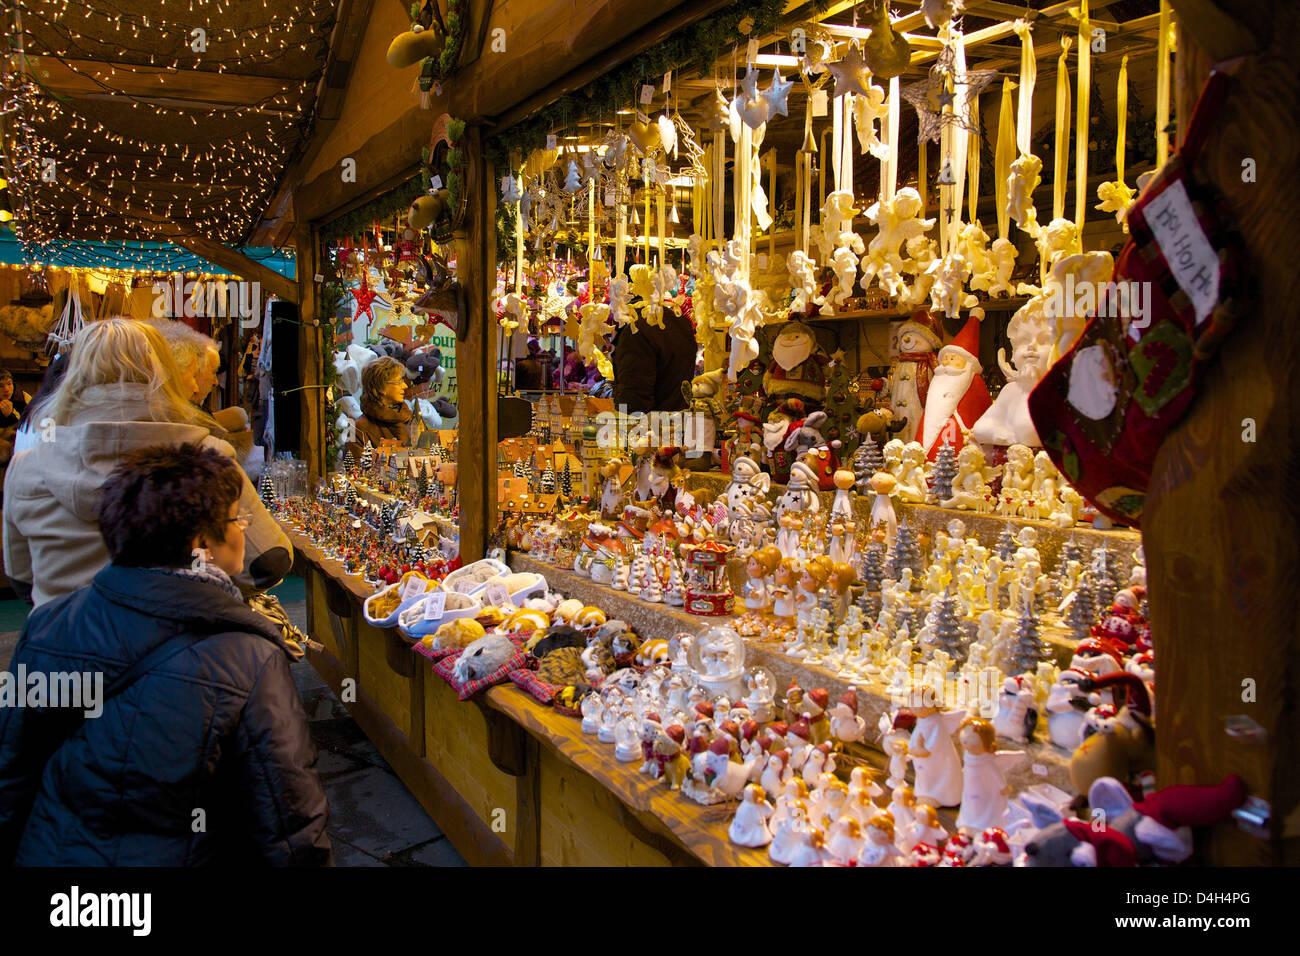 Christmas Market stall, Dortmund, North Rhine-Westphalia, Germany Stock Photo